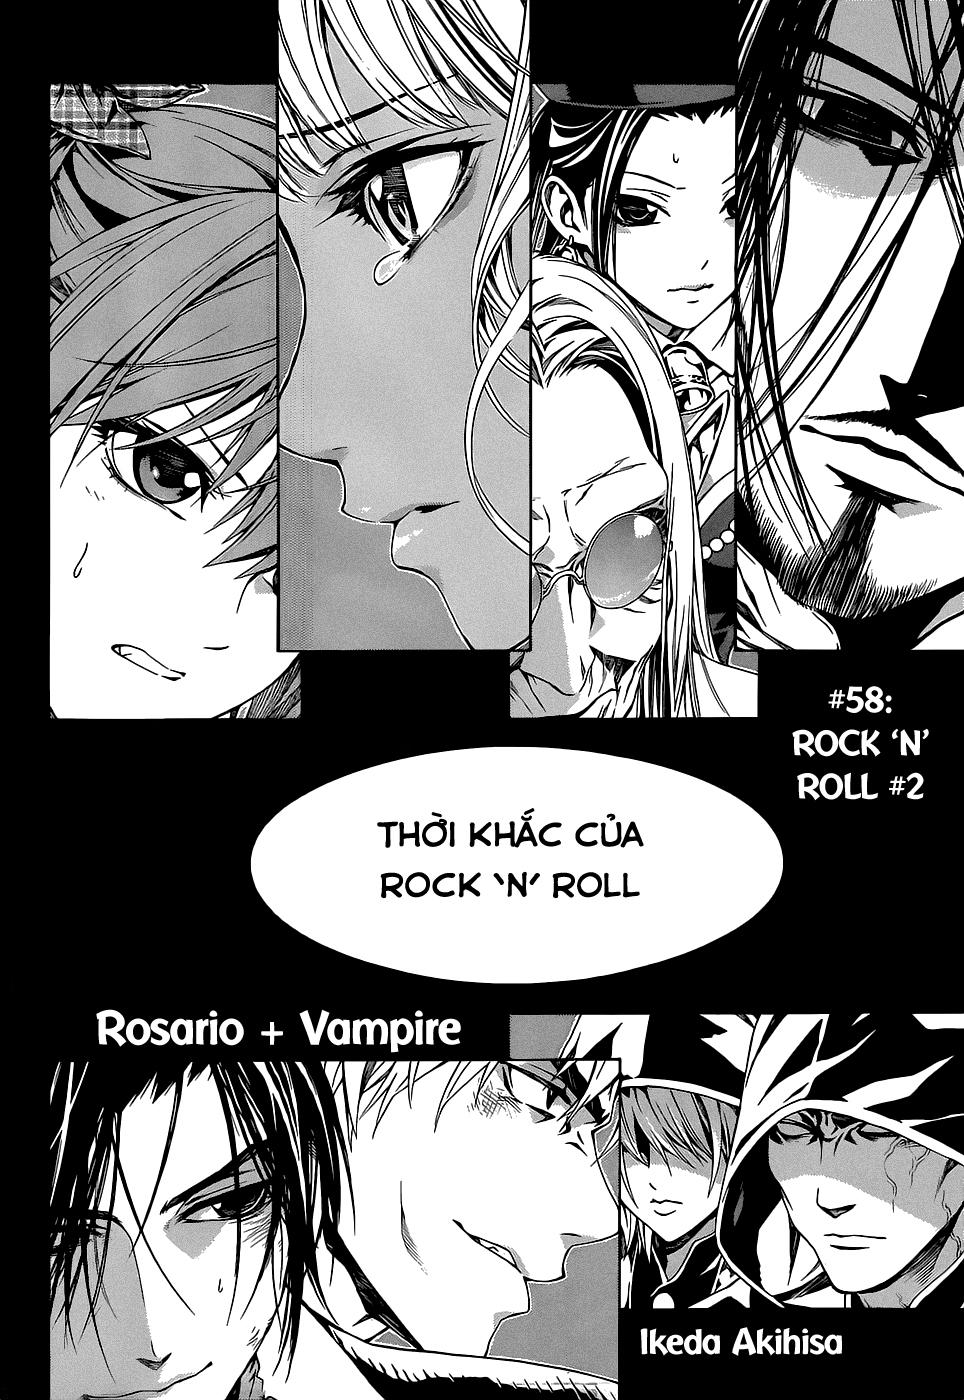 Rosario + Vampire - Season 2